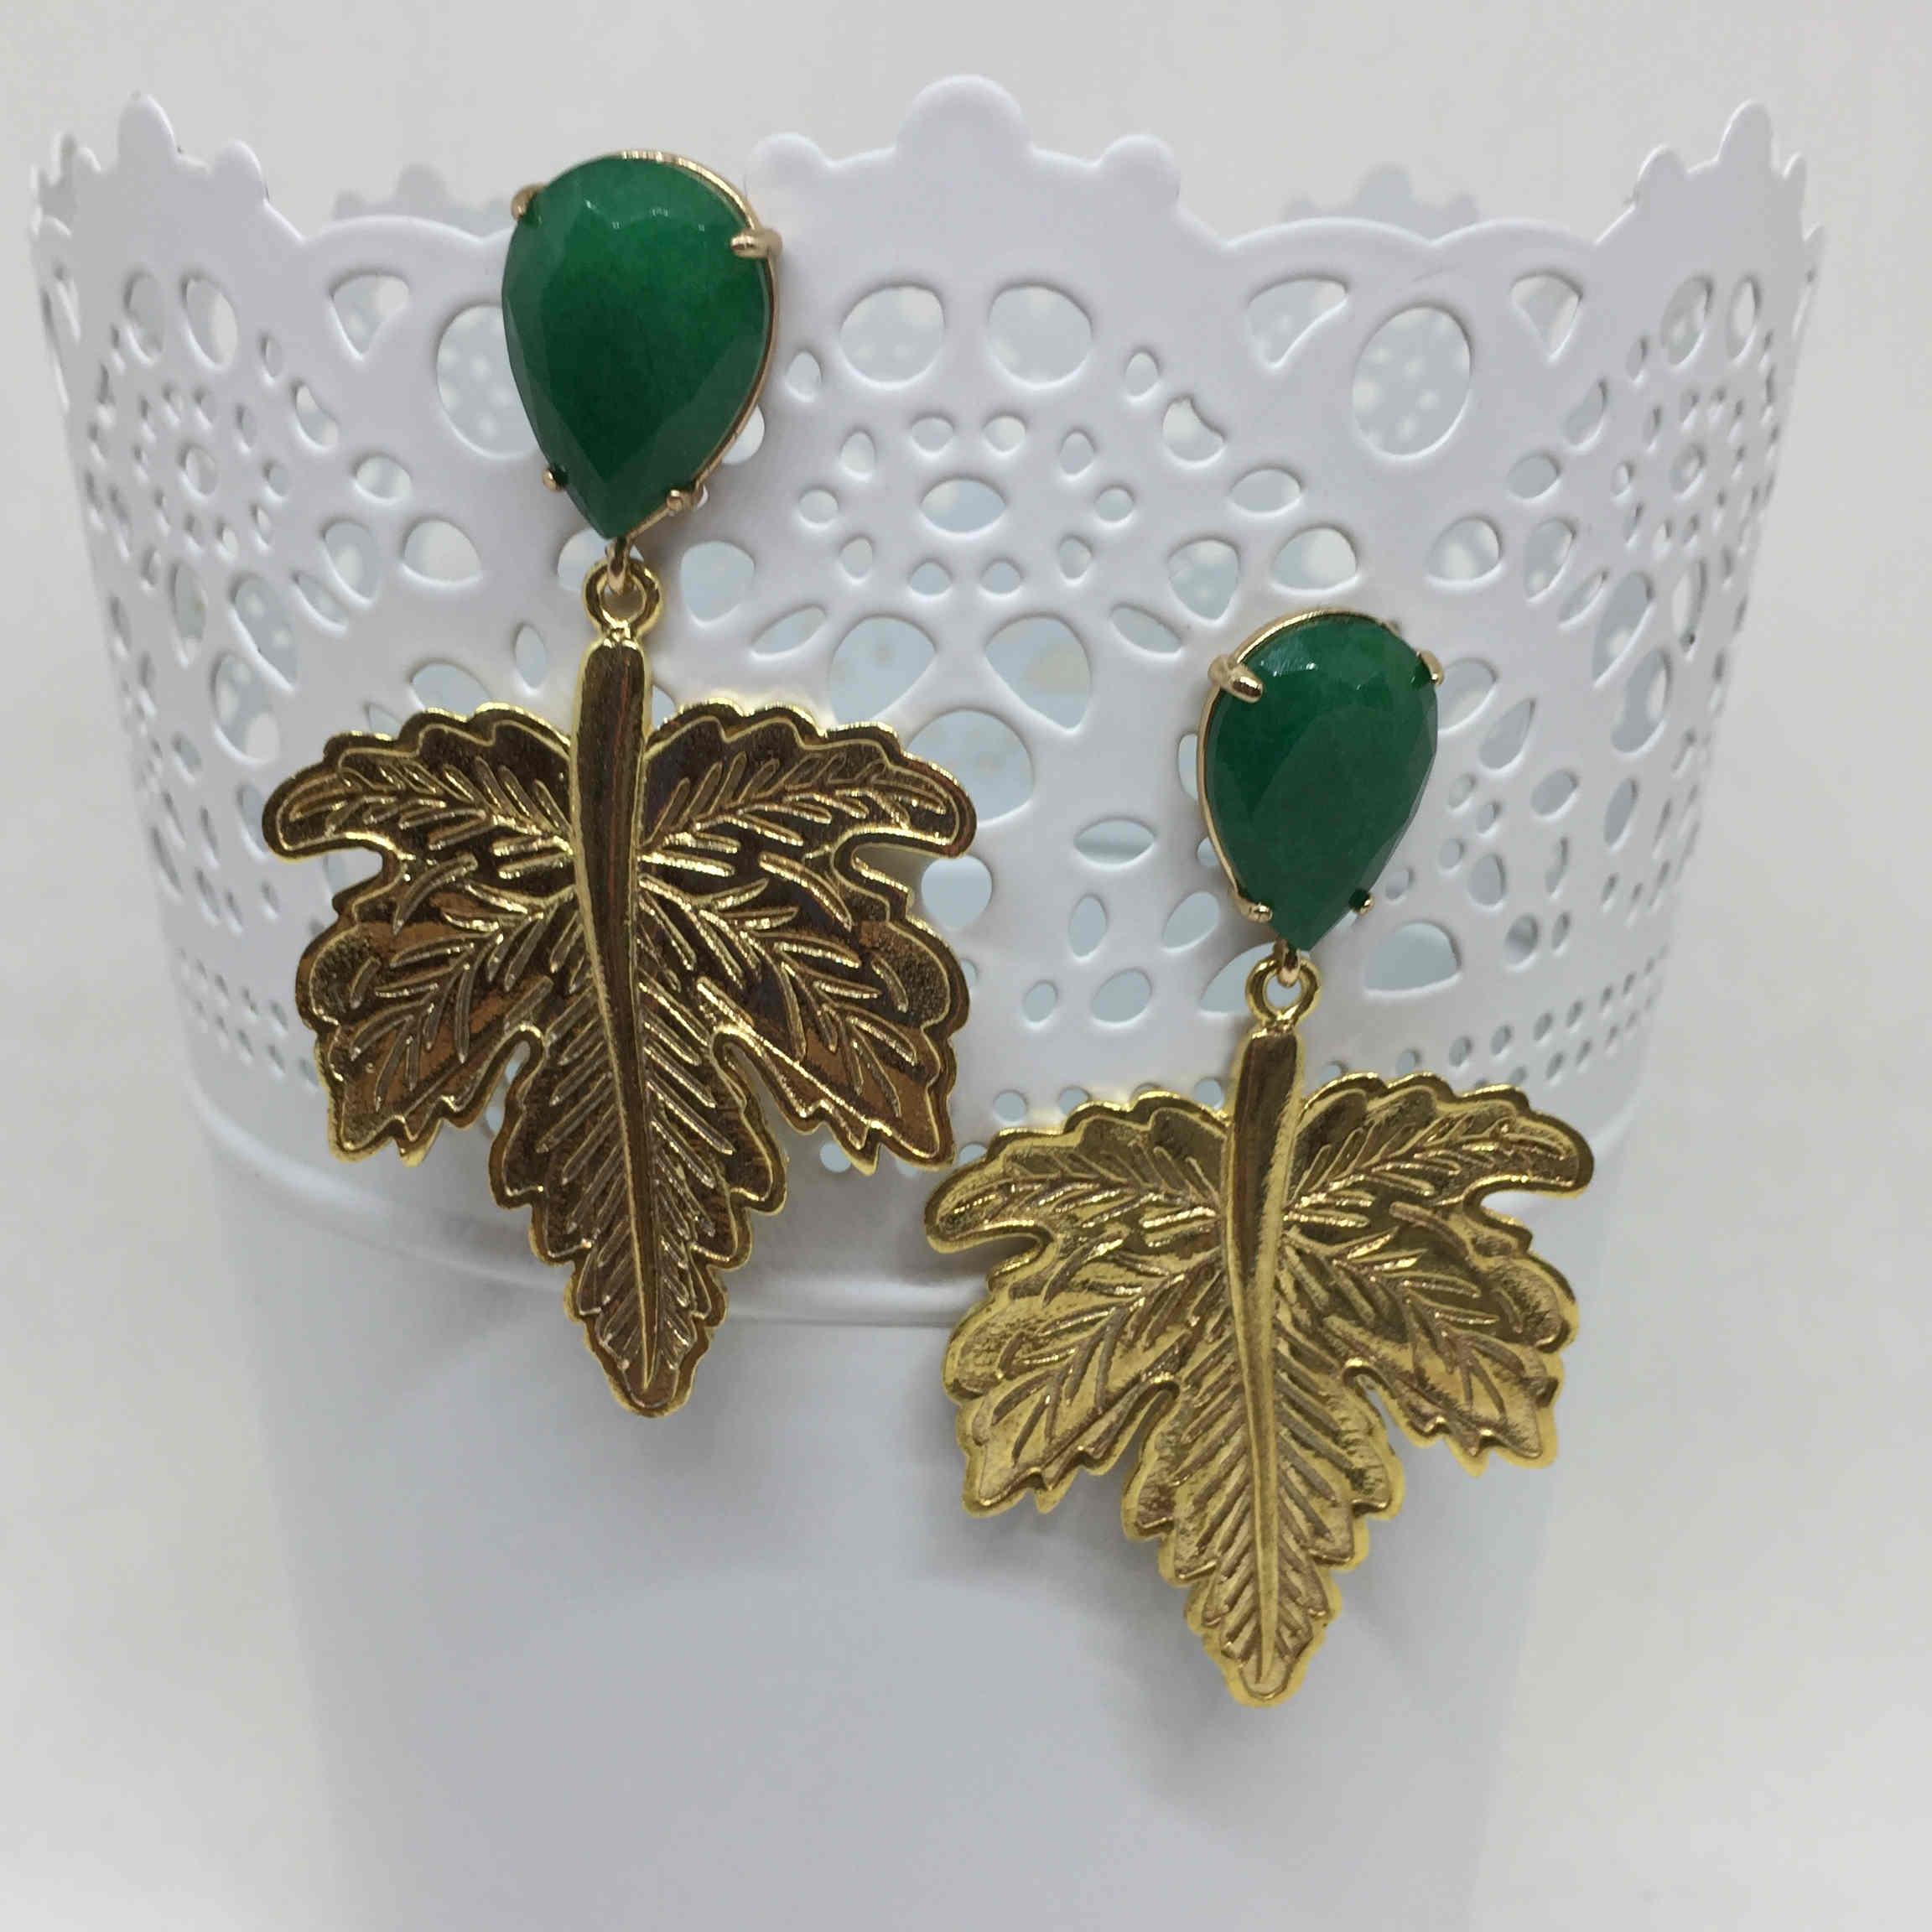 Pendiente con piedra verde y colgante hoja metal